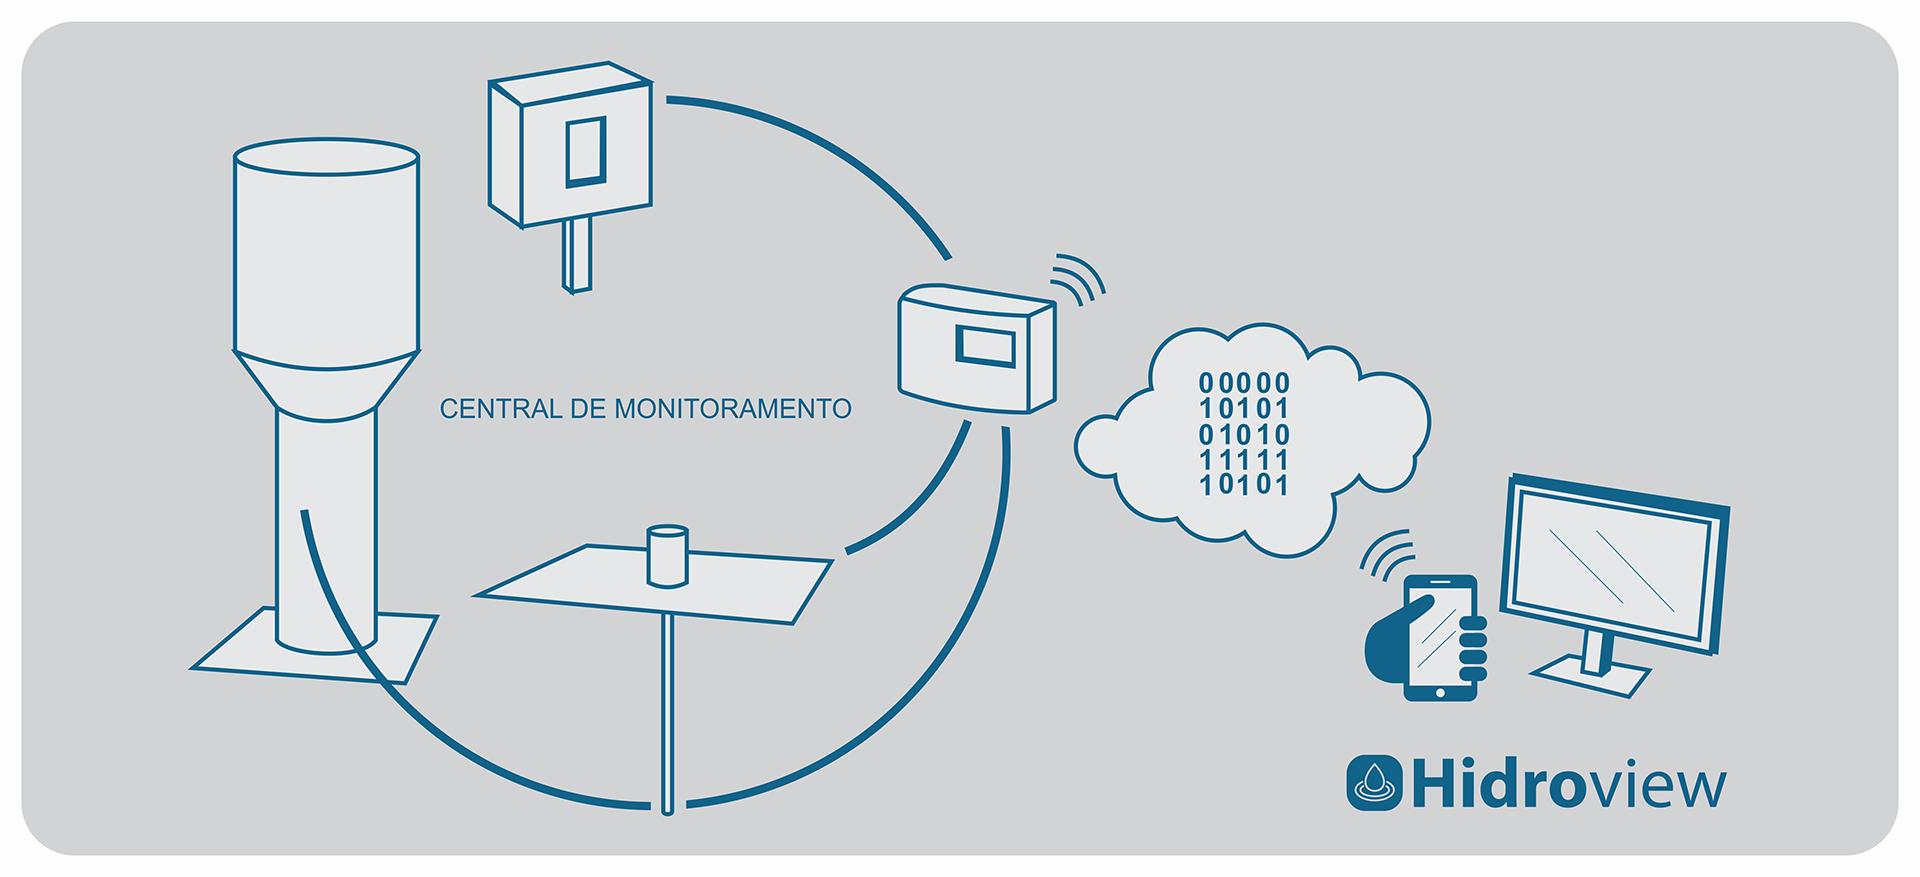 Hidroview - Gestão e Monitoramento Remoto de Água e Energia - Como Funciona